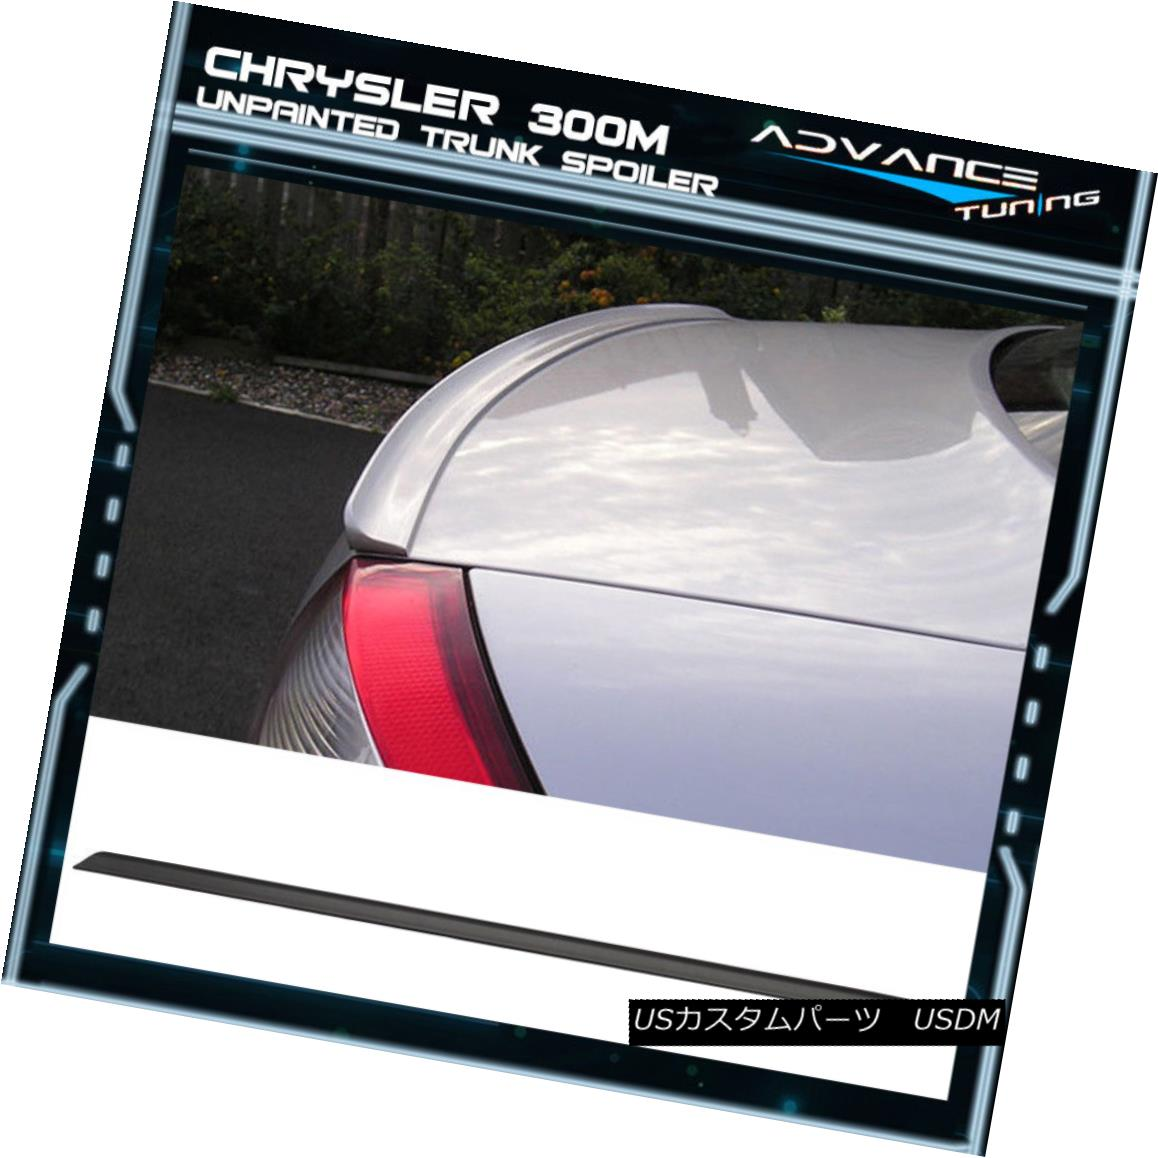 【正規品質保証】 エアロパーツ 98-04 Chrysler 300M PV Style Unpainted Black Trunk Spoiler - PUF 98-04クライスラー300M PVスタイル未塗装ブラックトランク・スポイラー - PUF, きりめのやおや d298a076